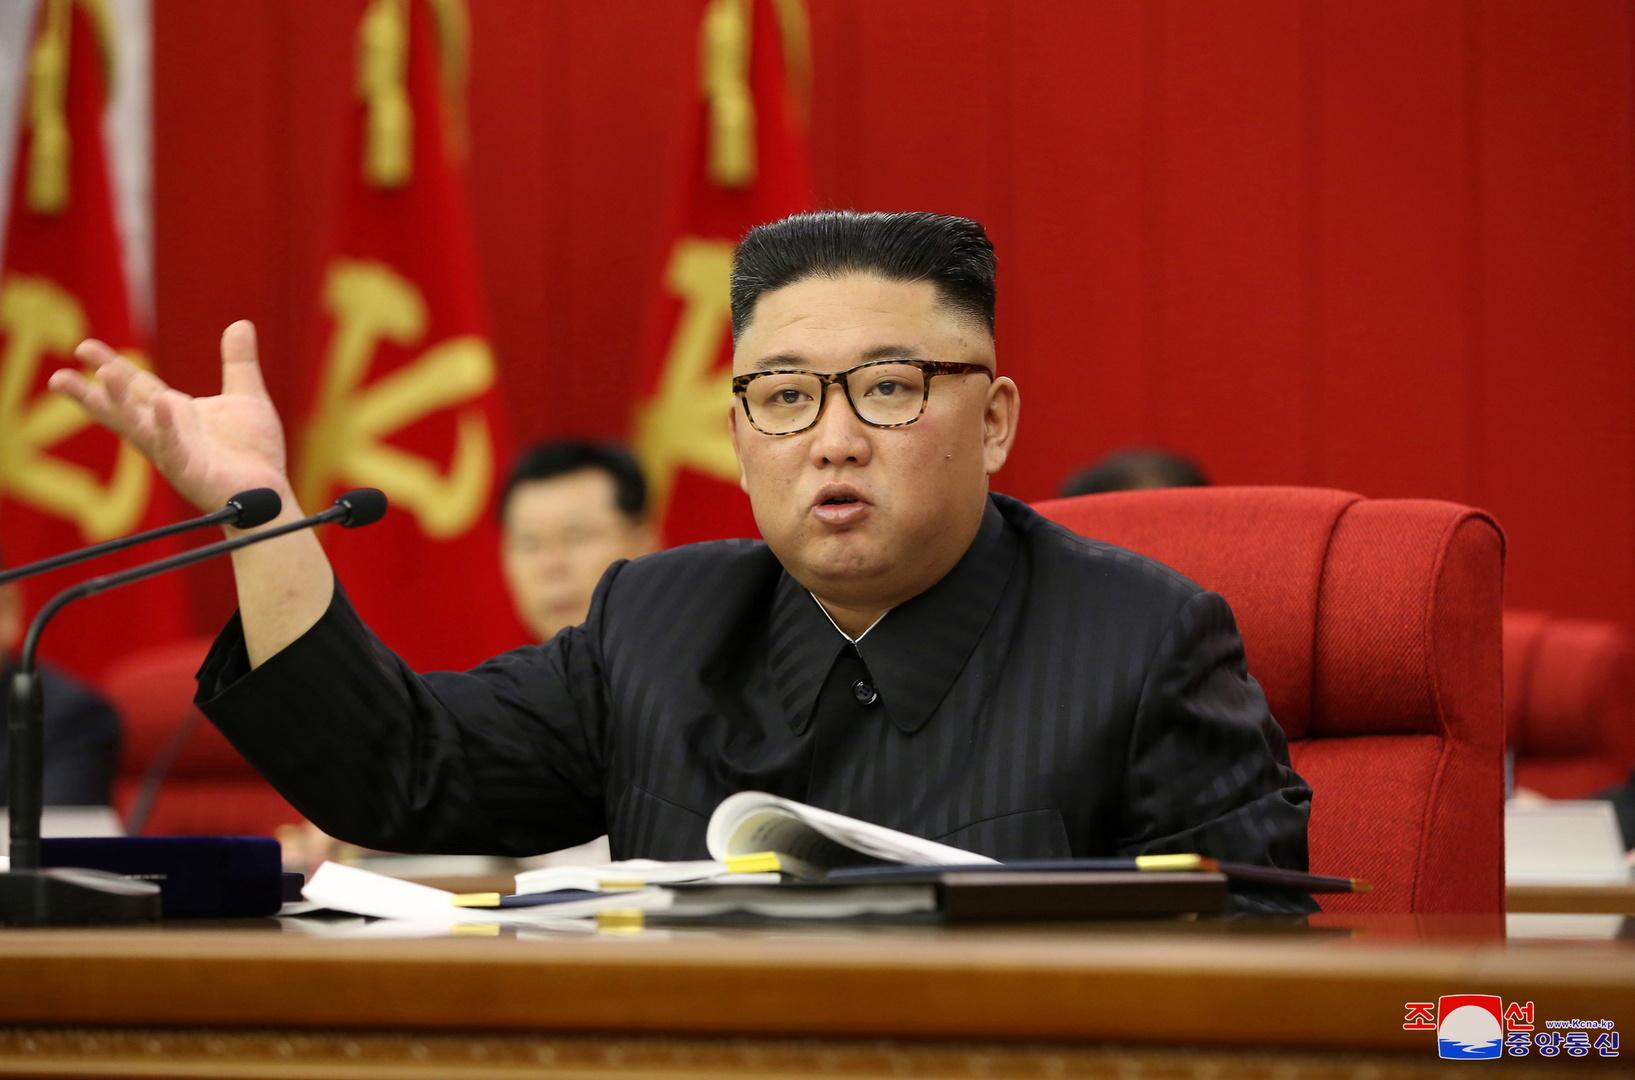 وسائل إعلام: كيم يقول إن كوريا الشمالية مستعدة سواء للحوار أو المواجهة مع واشنطن